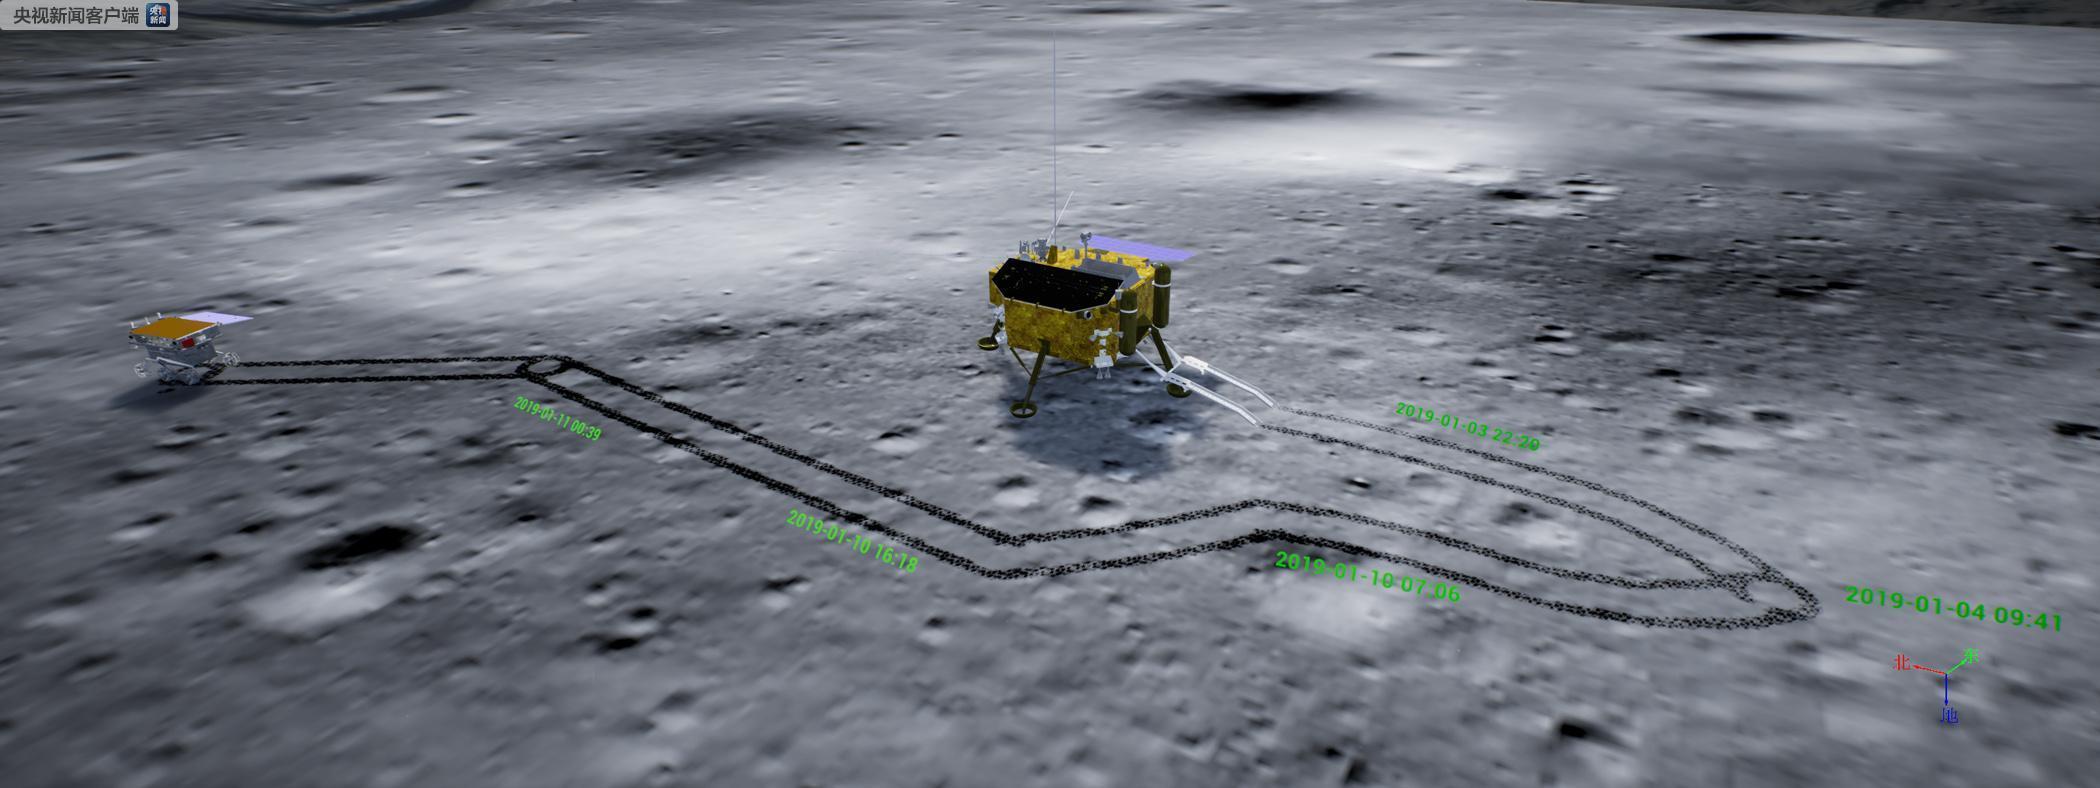 """嫦娥四号着陆器和""""玉兔二号""""巡视器顺利度过月夜开展第二月昼工作"""